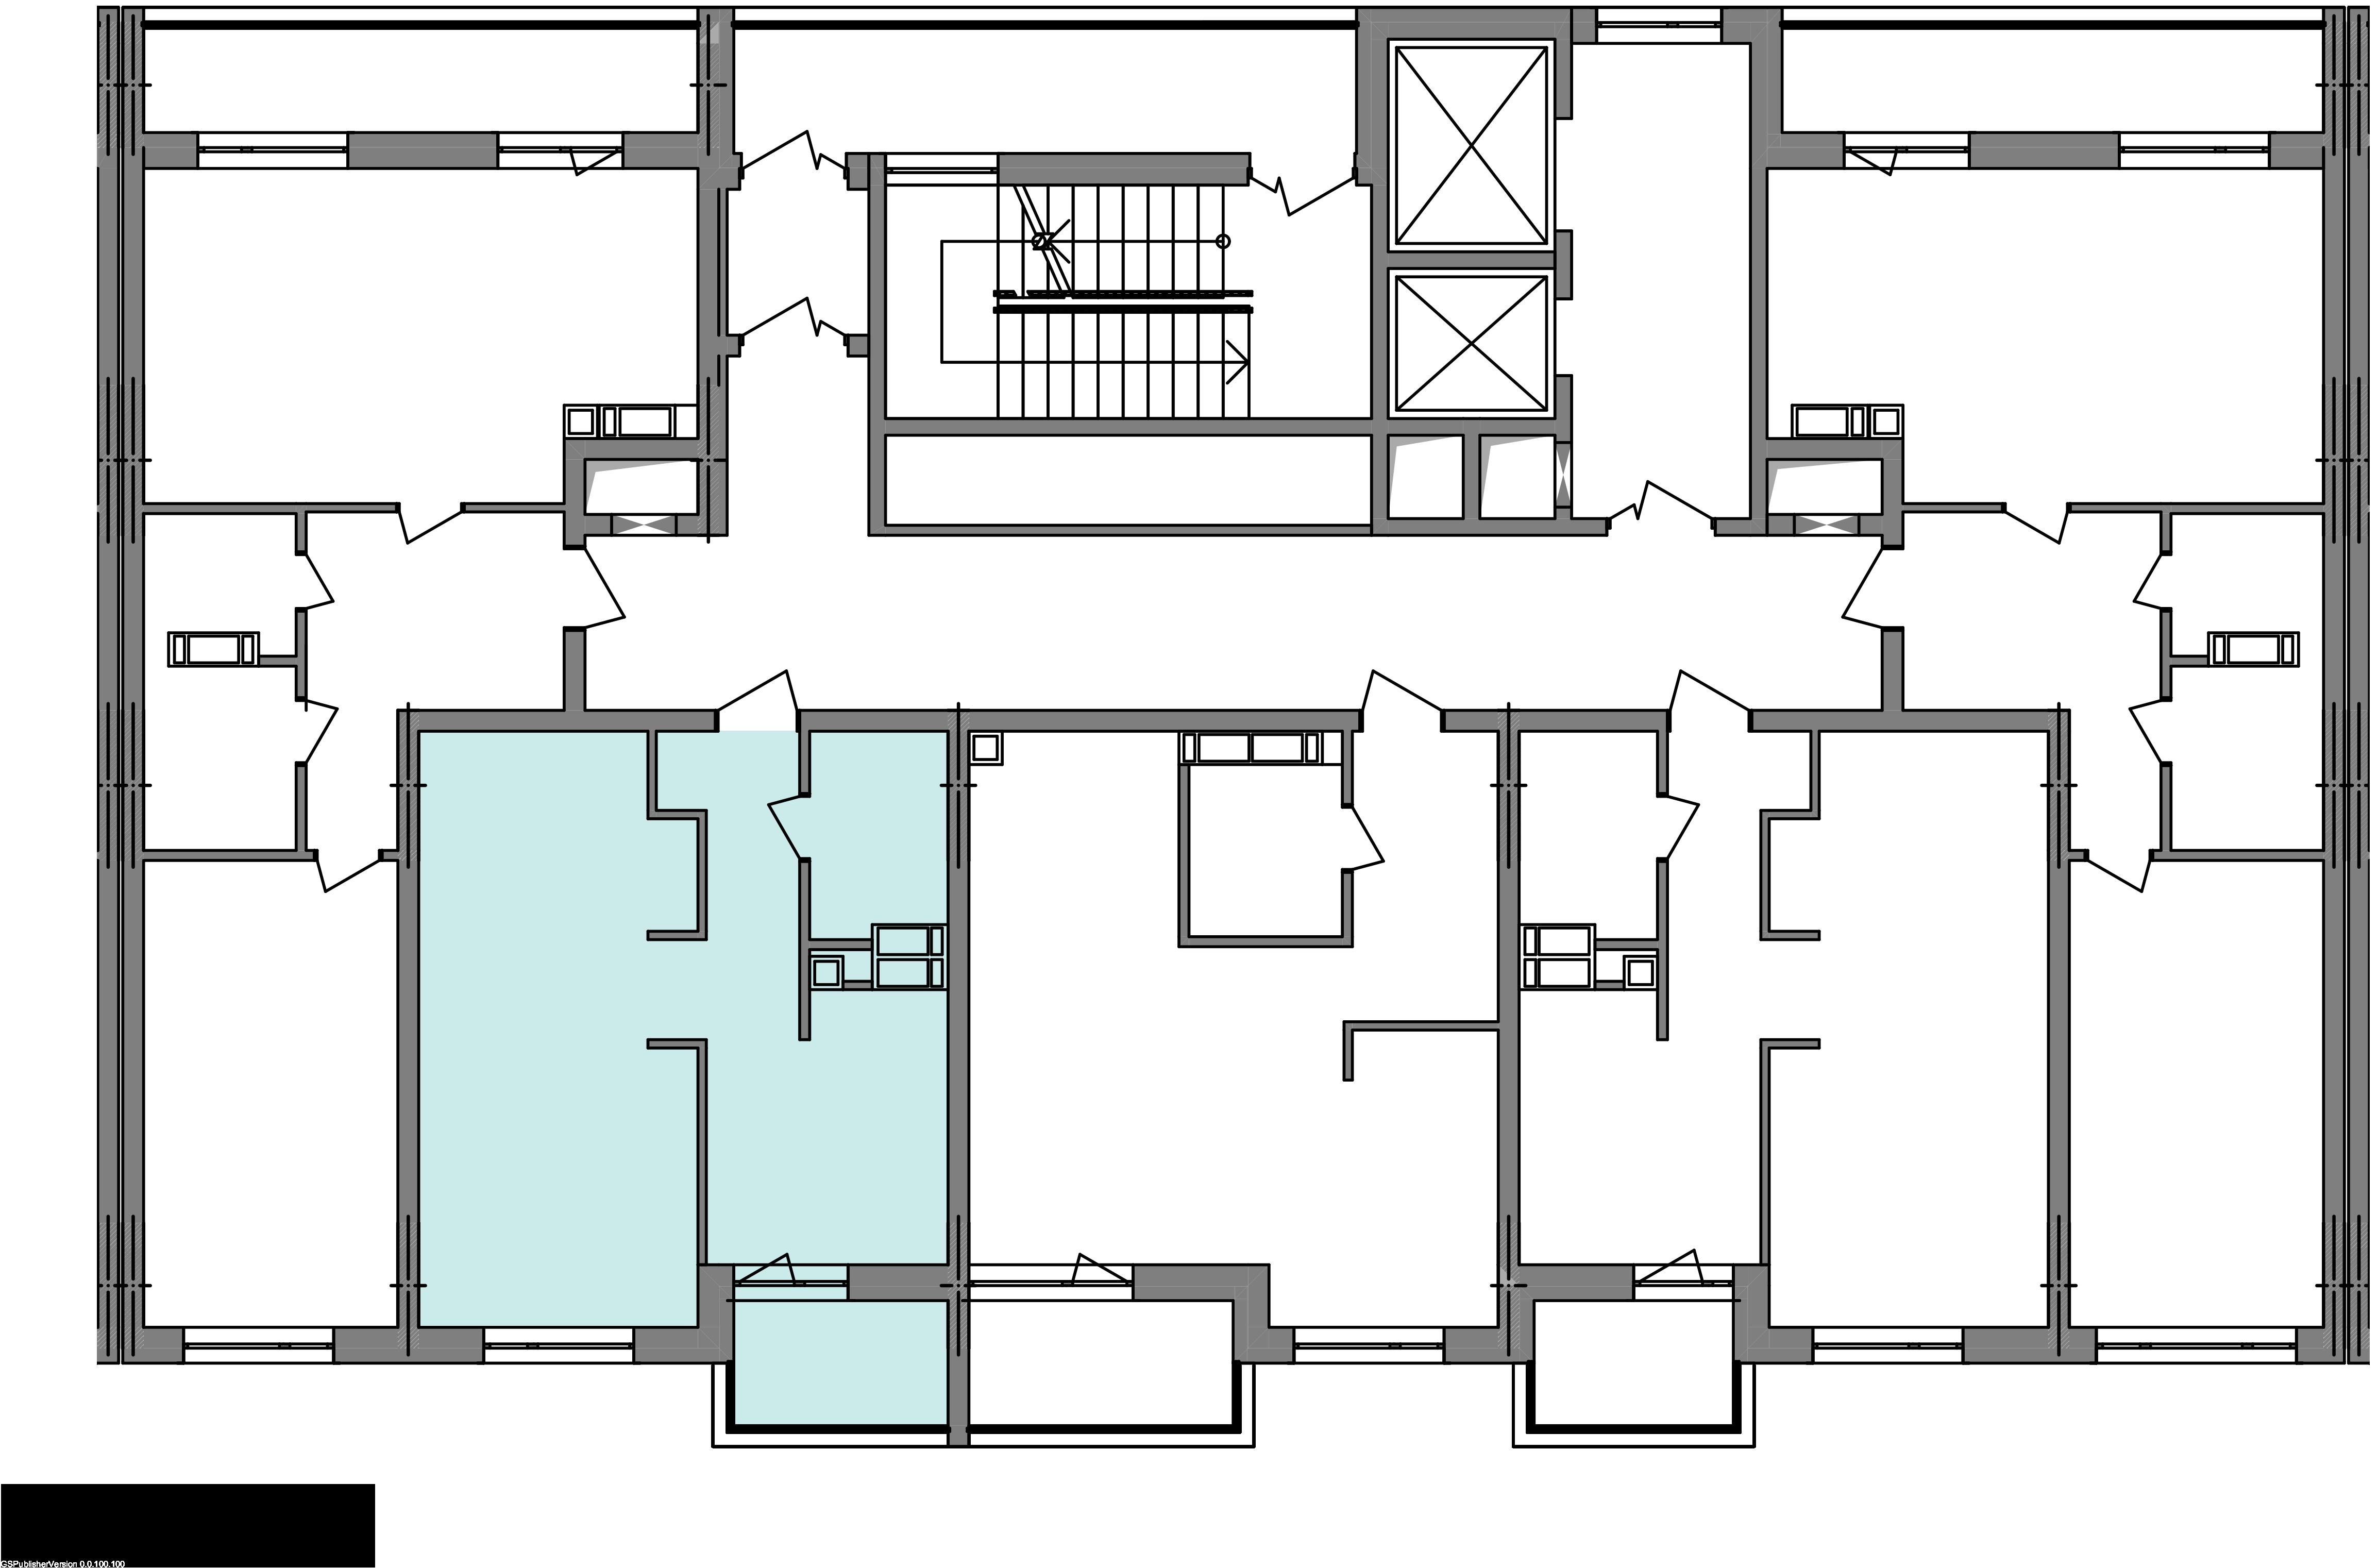 Однокомнатная квартира 40,93 кв.м., тип 1.3, дом 3 секция 2 расположение на этаже